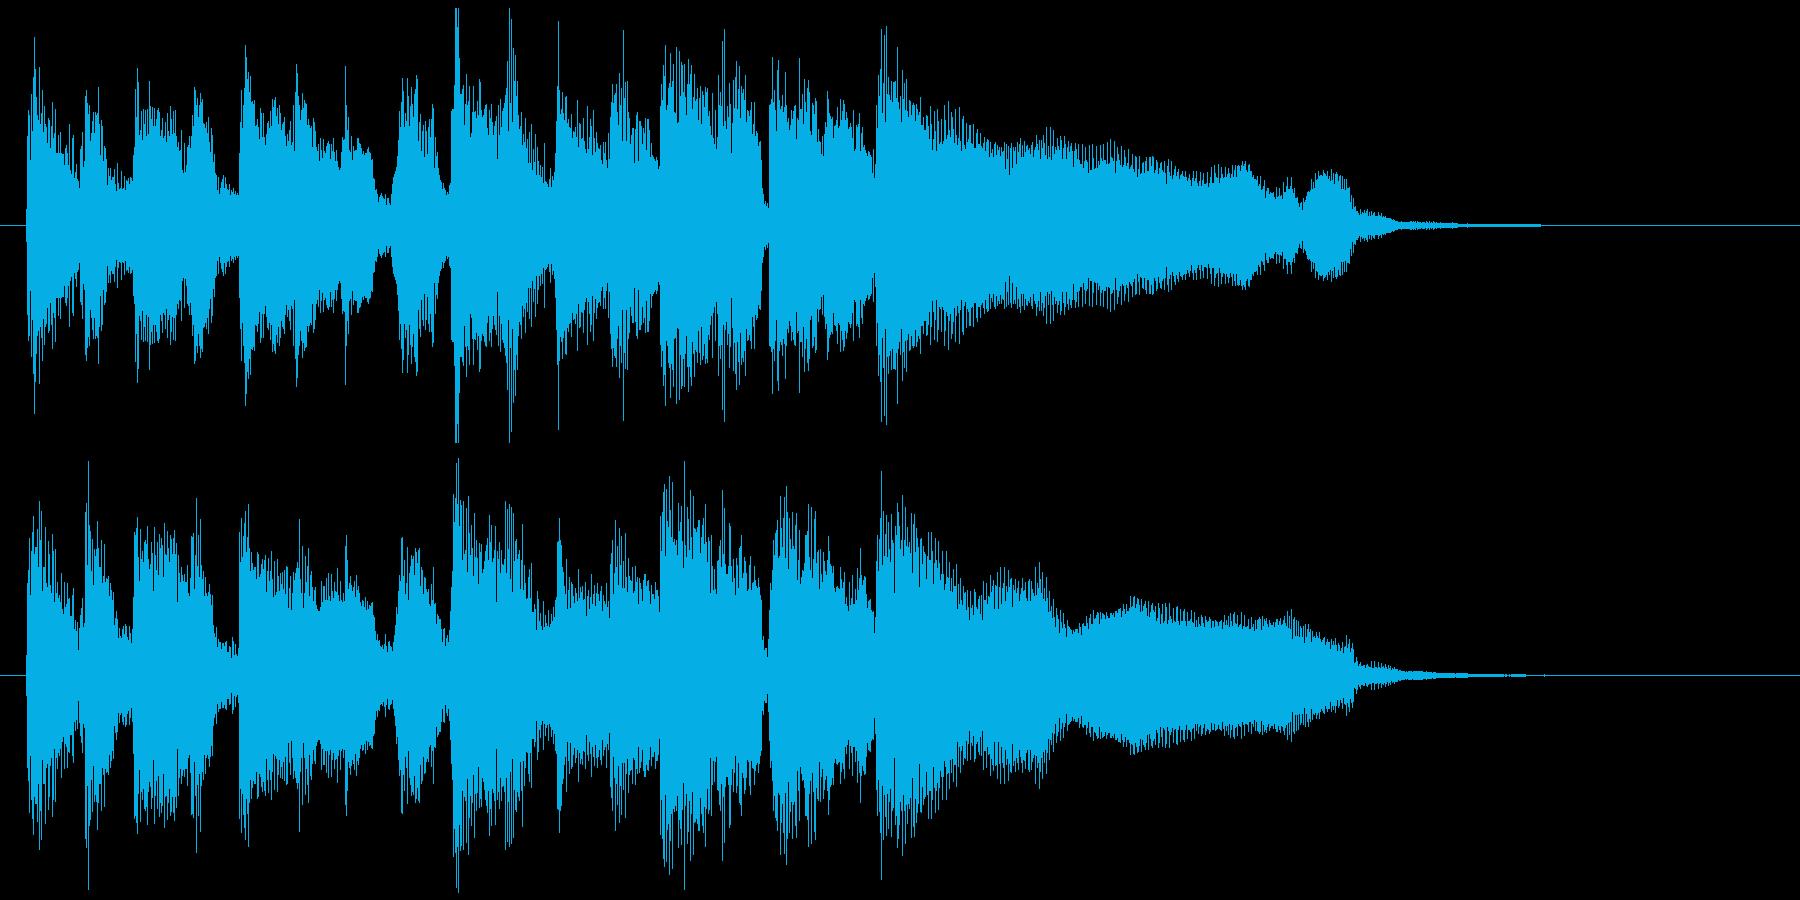 生音ディスコ系のスタイリッシュなジングルの再生済みの波形